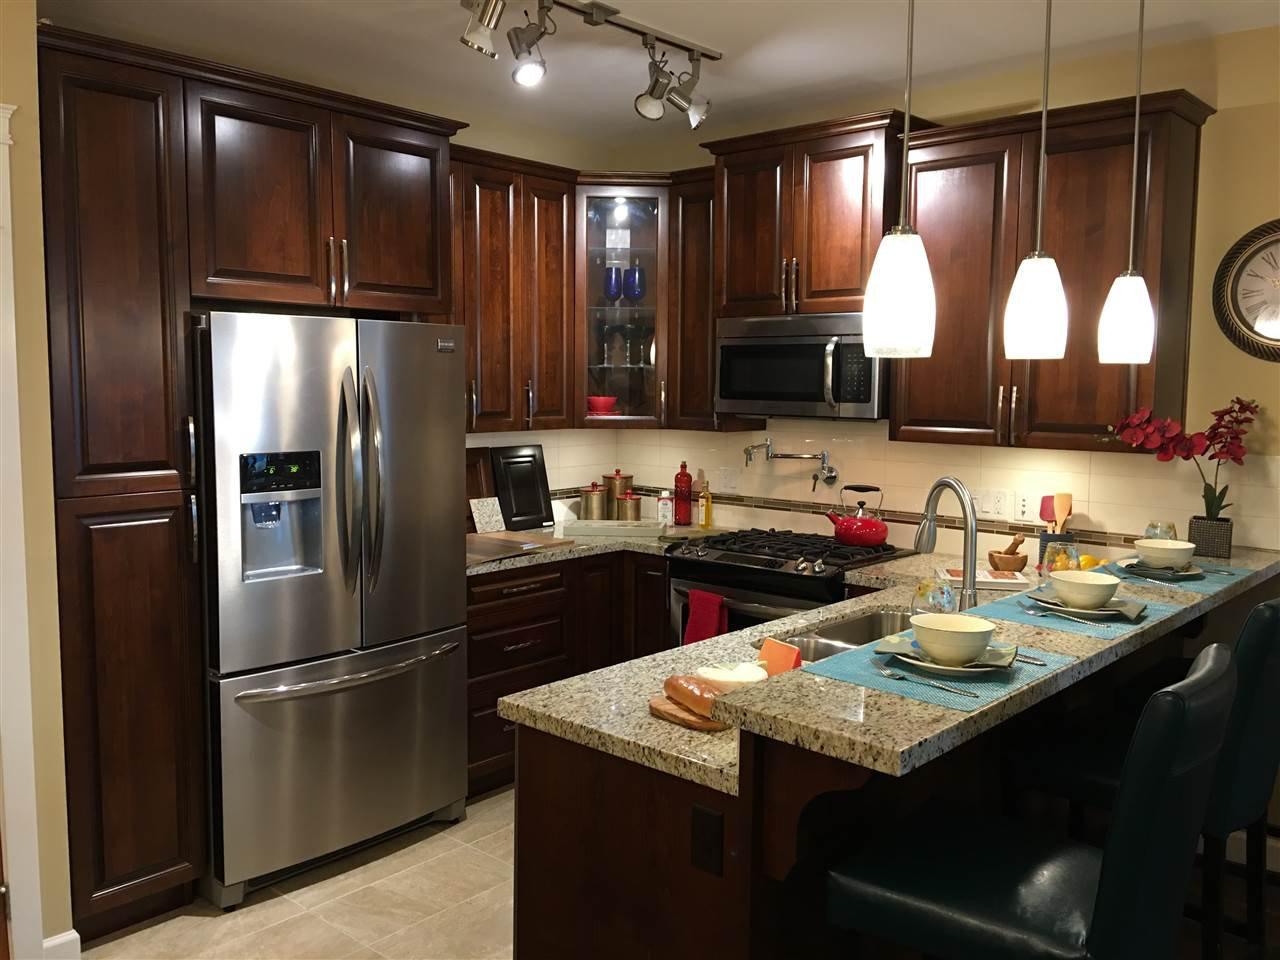 Main Photo: 624 32445 SIMON Avenue in Abbotsford: Central Abbotsford Condo for sale : MLS®# R2323984